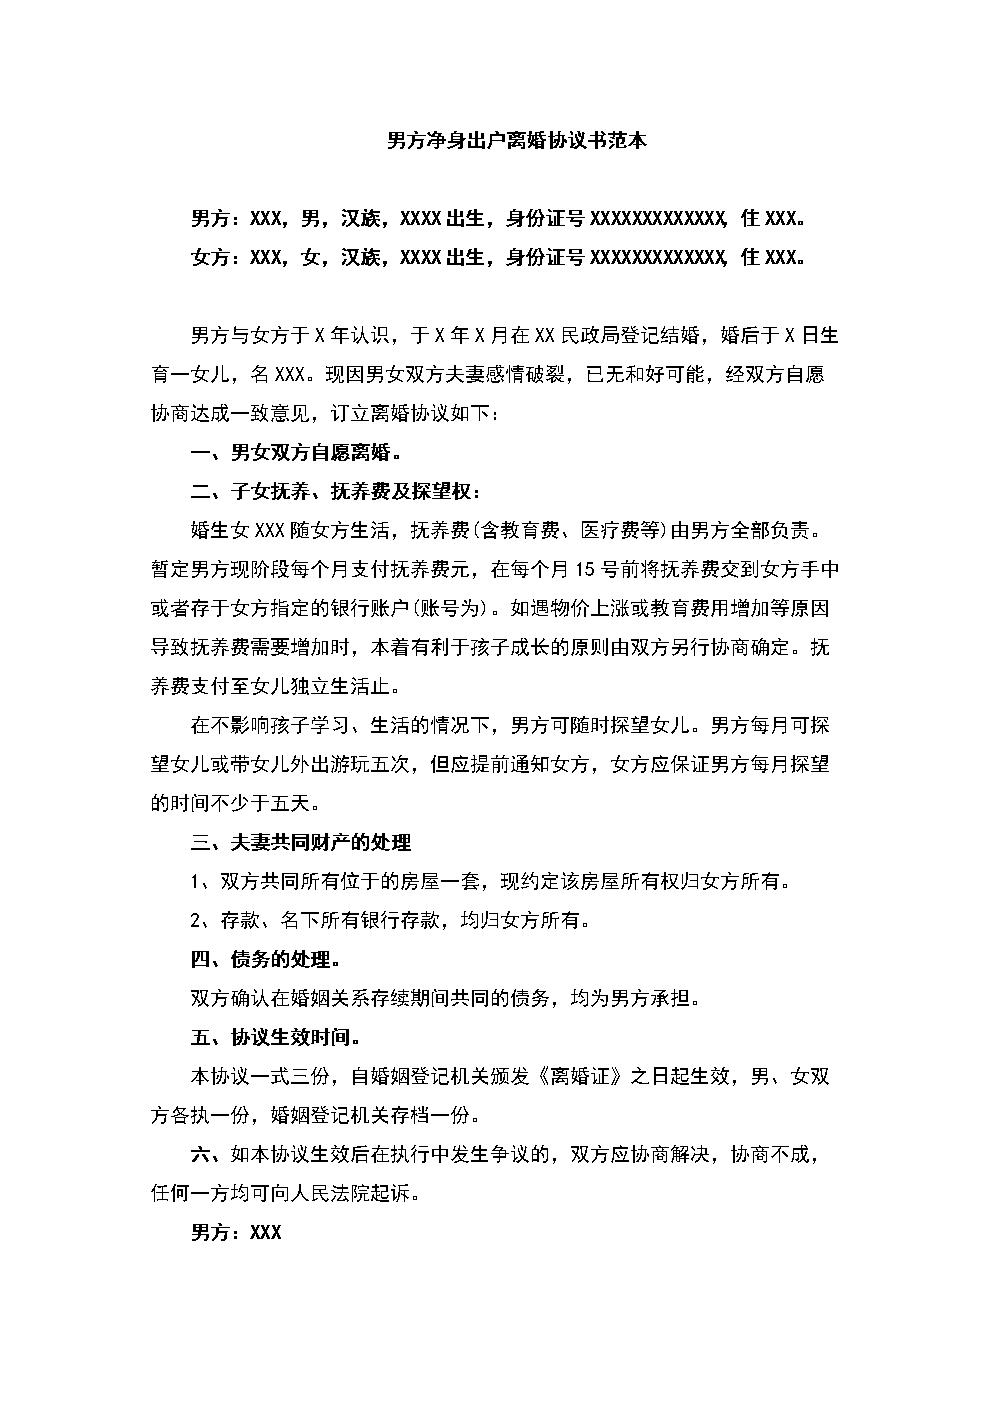 2019年男方净身出户离婚协议书范本.doc图片